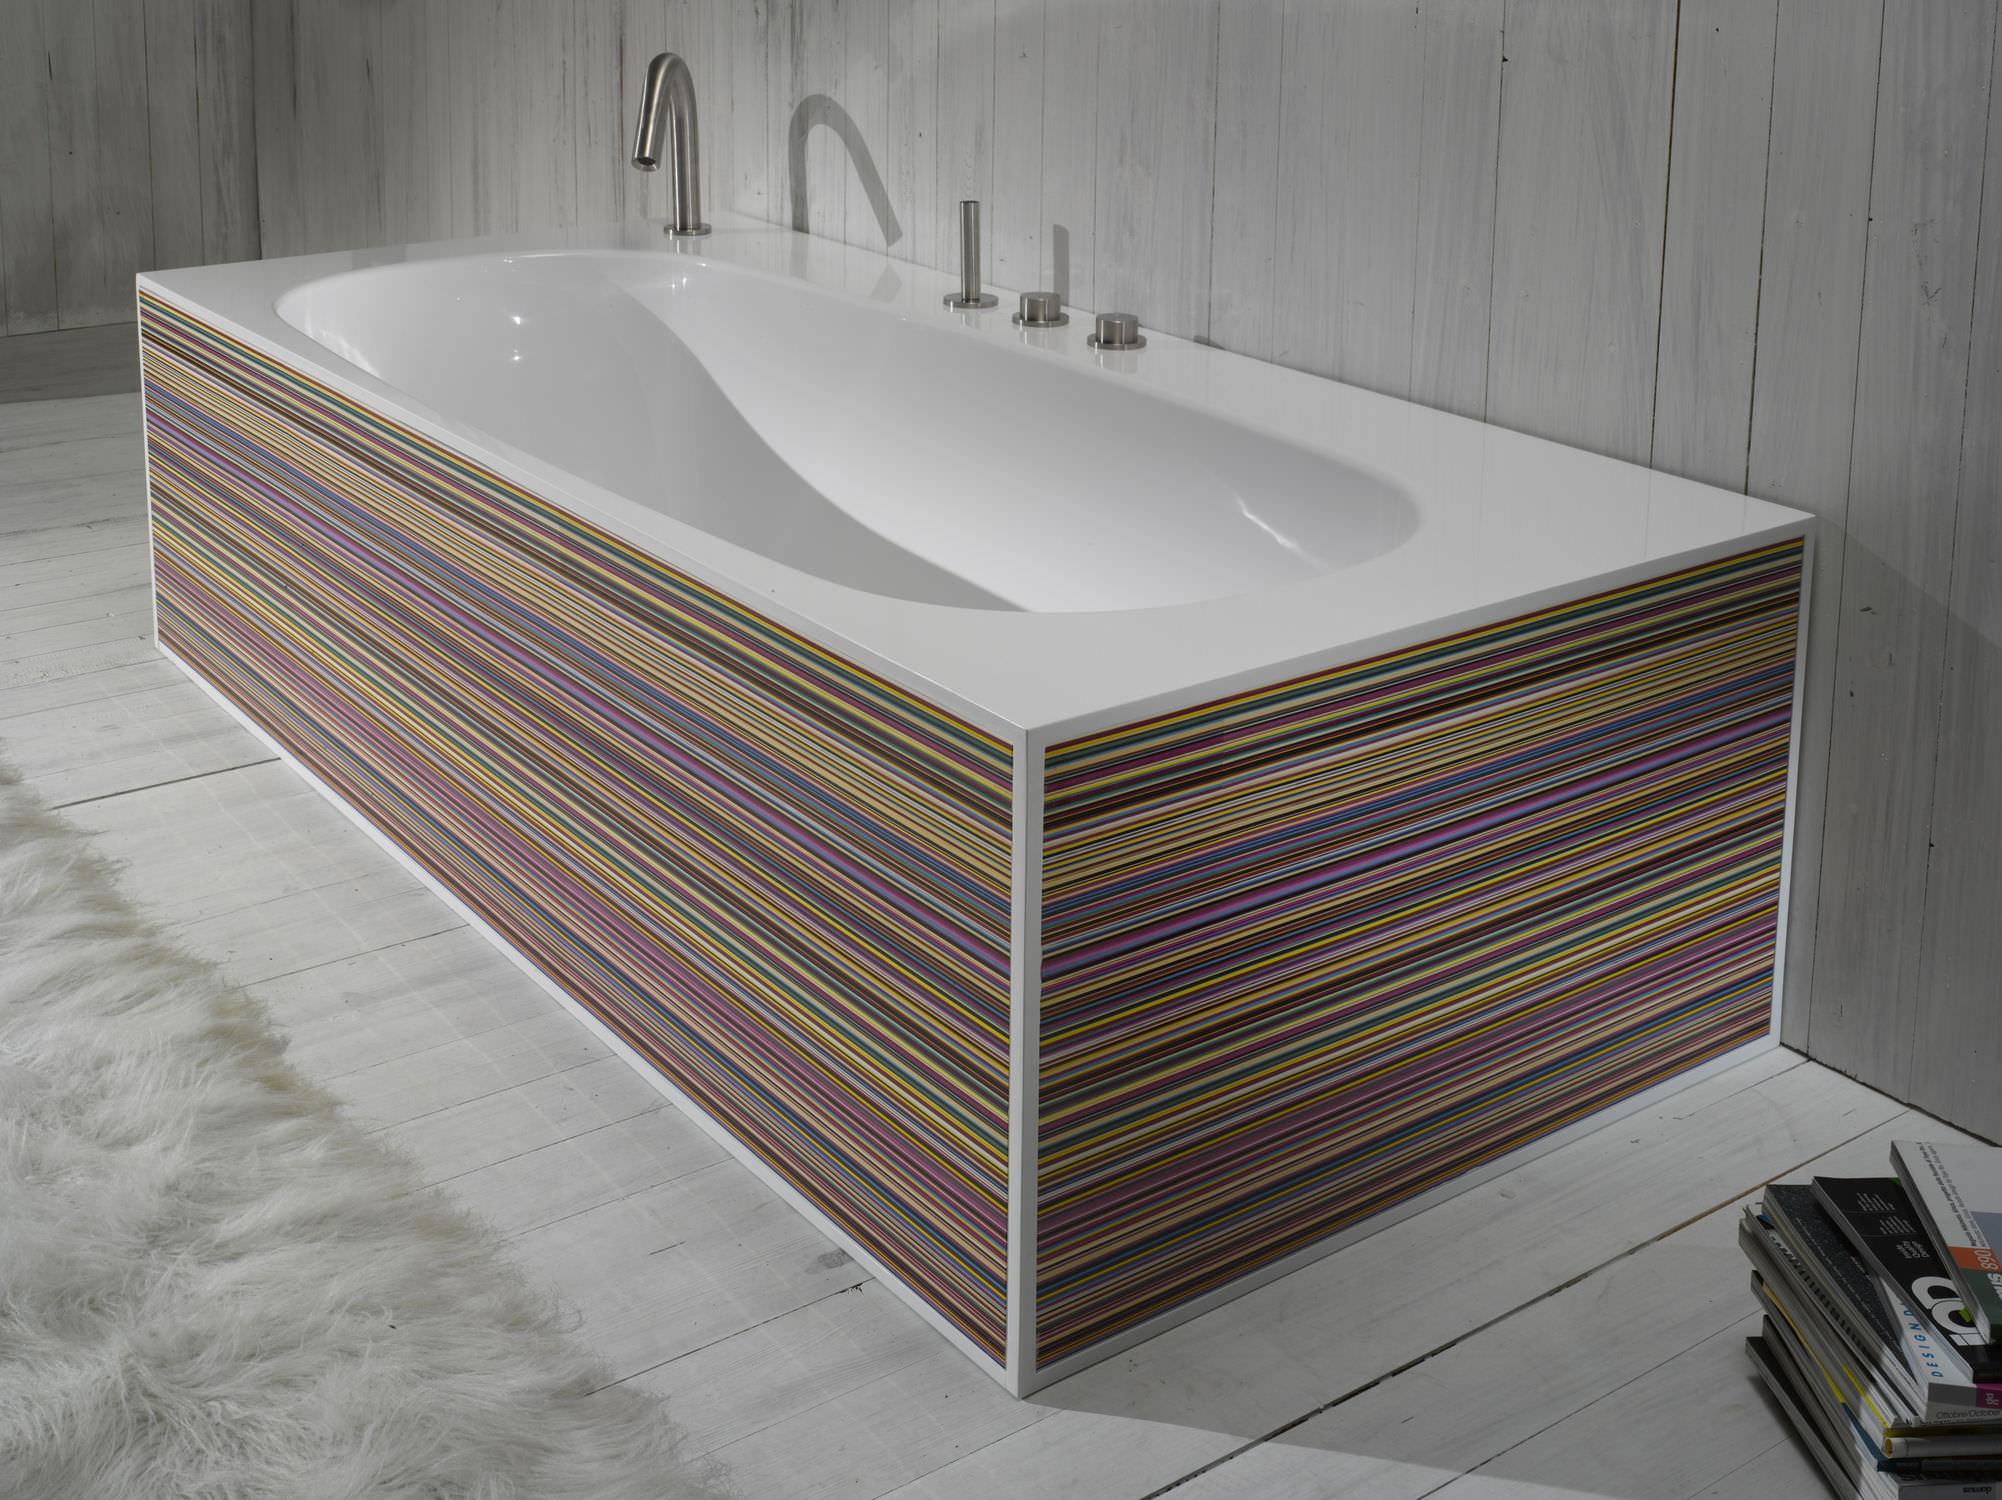 Vasca da bagno ad isola / in resina acrilica - COVER - A. e T. ITALIA